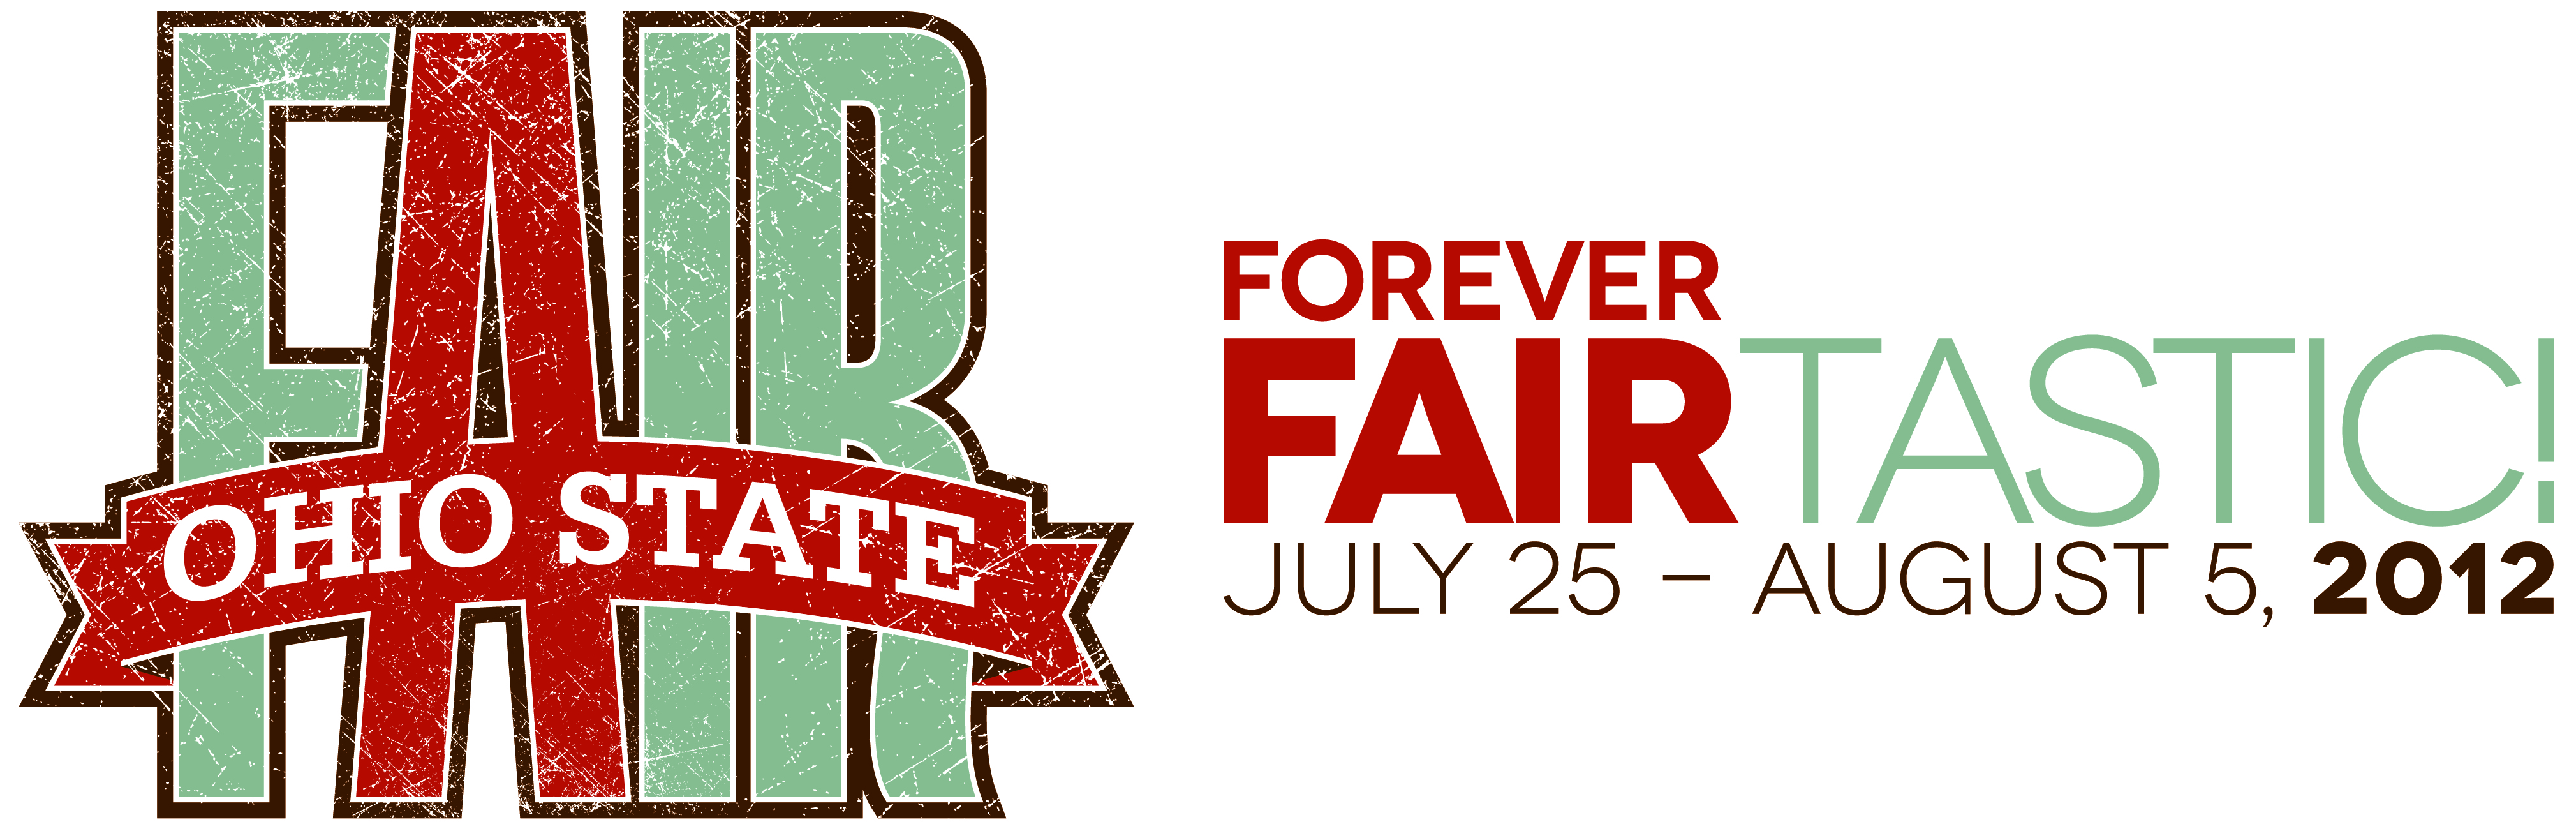 Ohio Sate Fair 2012